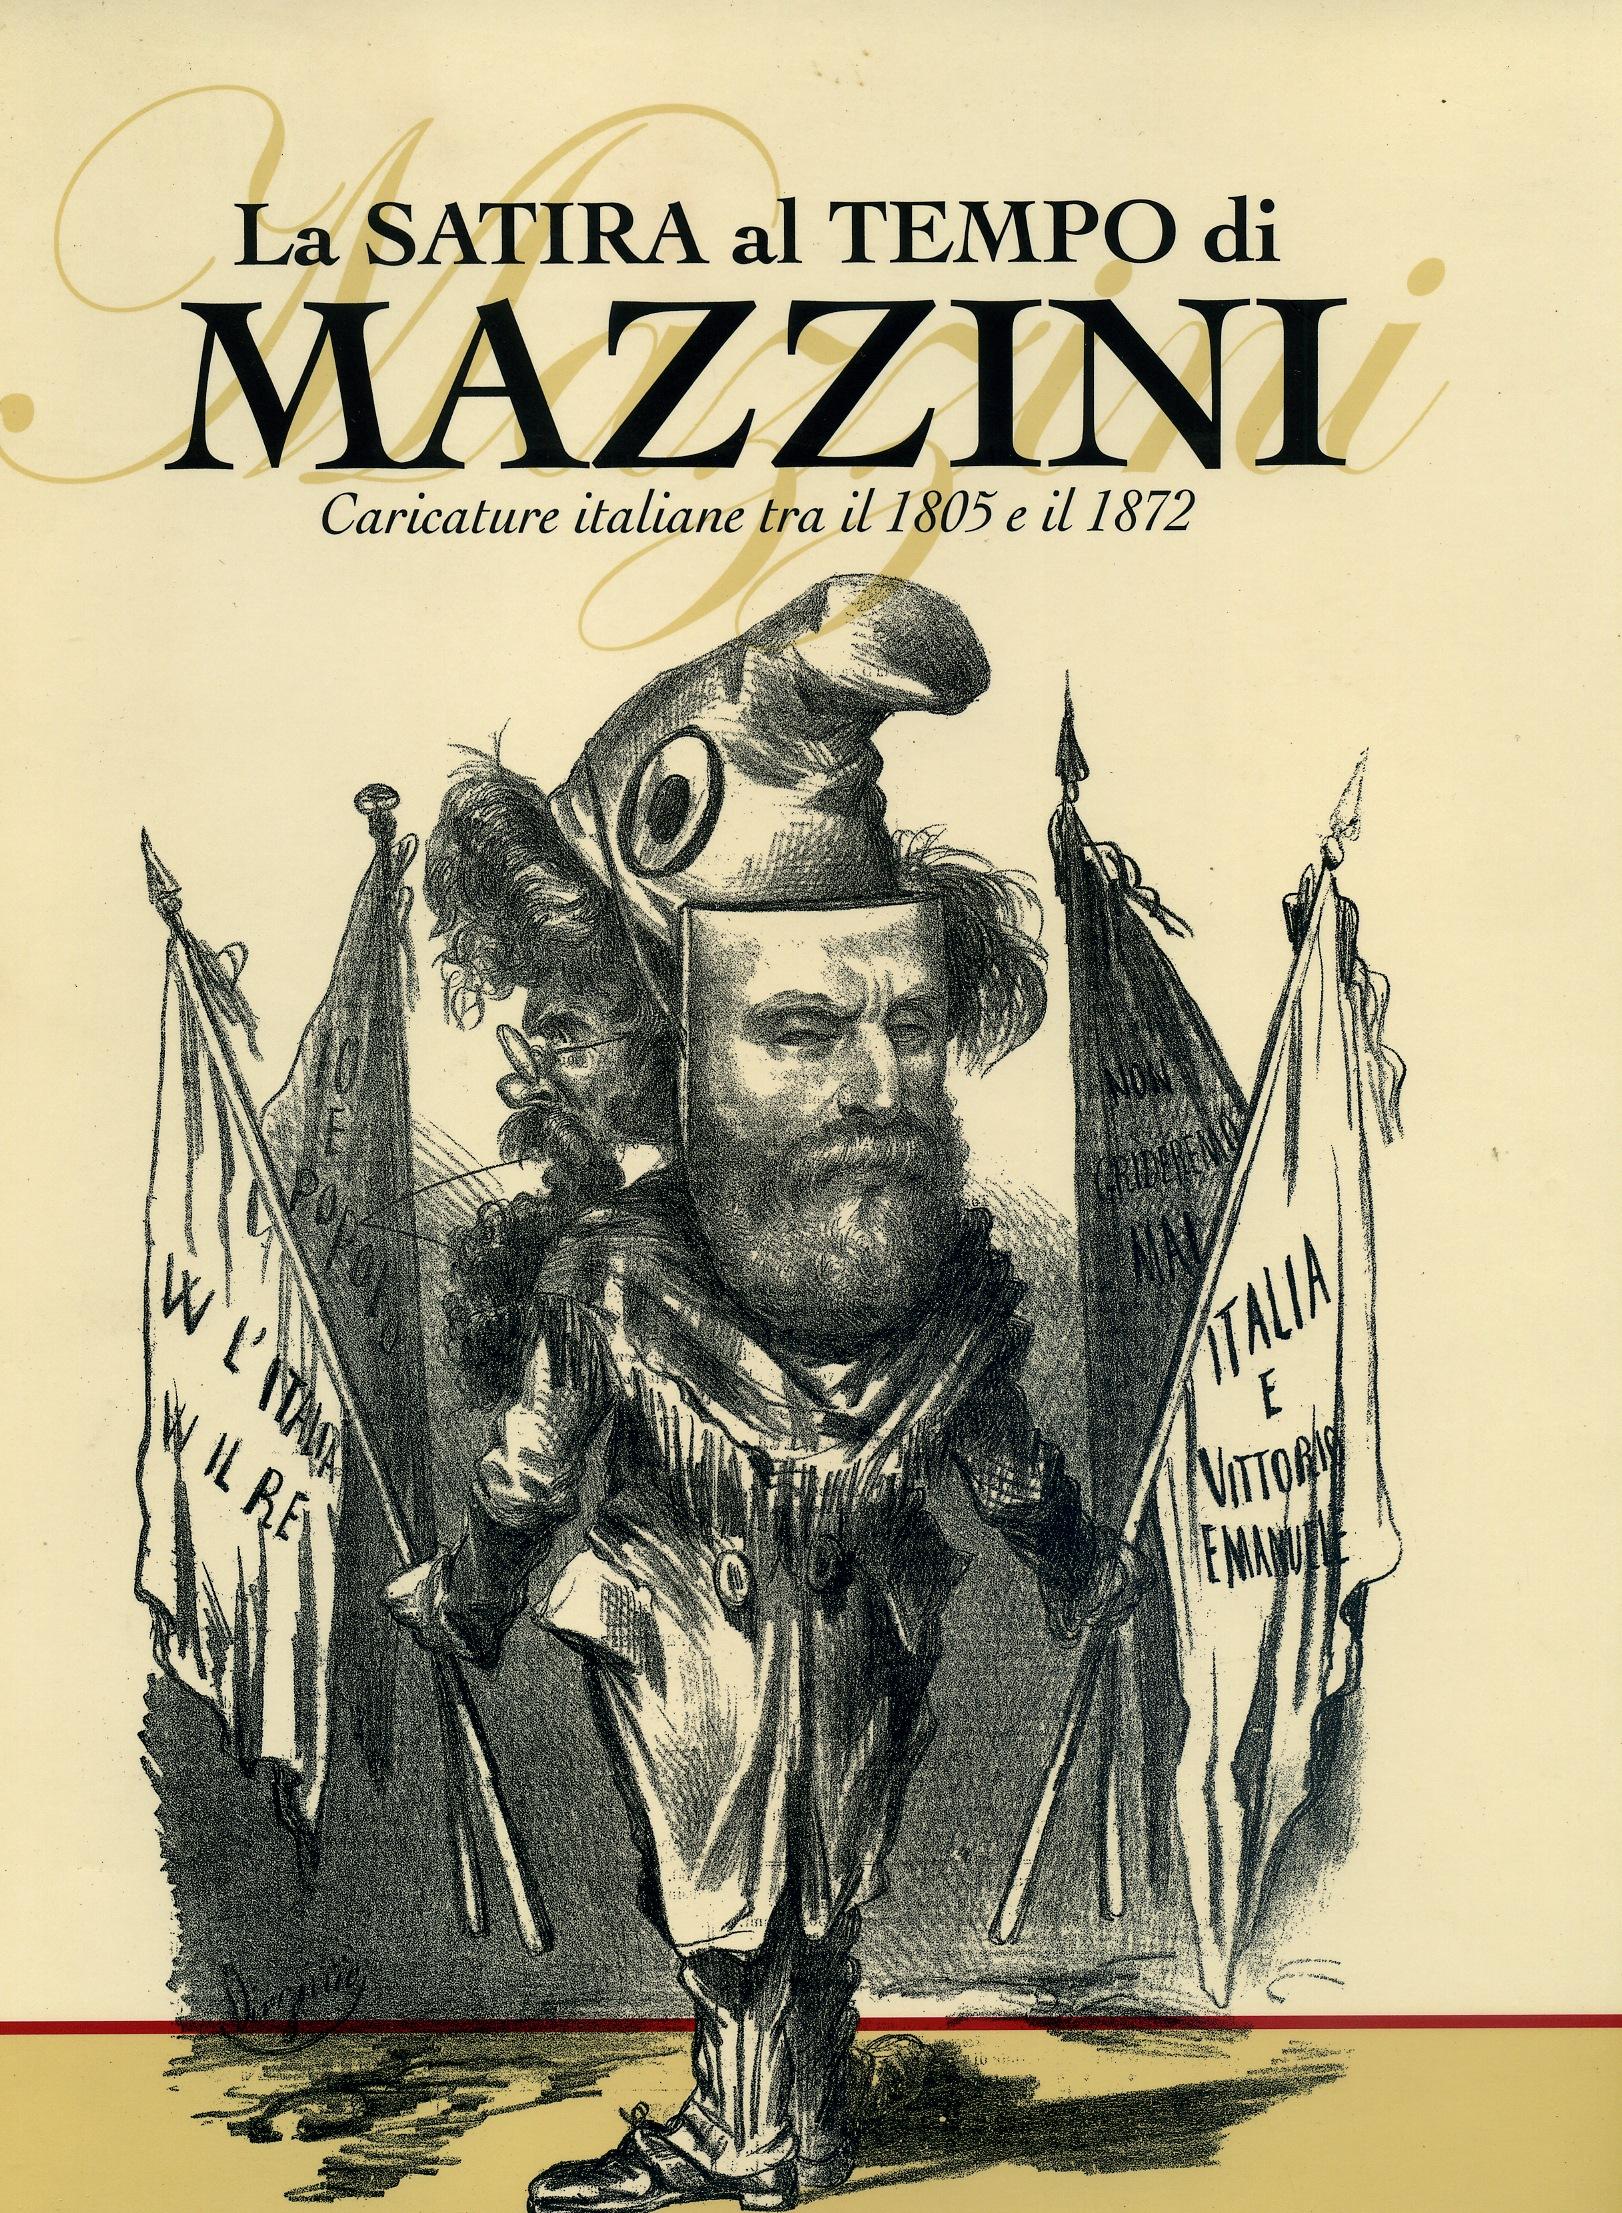 La satira al tempo di Mazzini